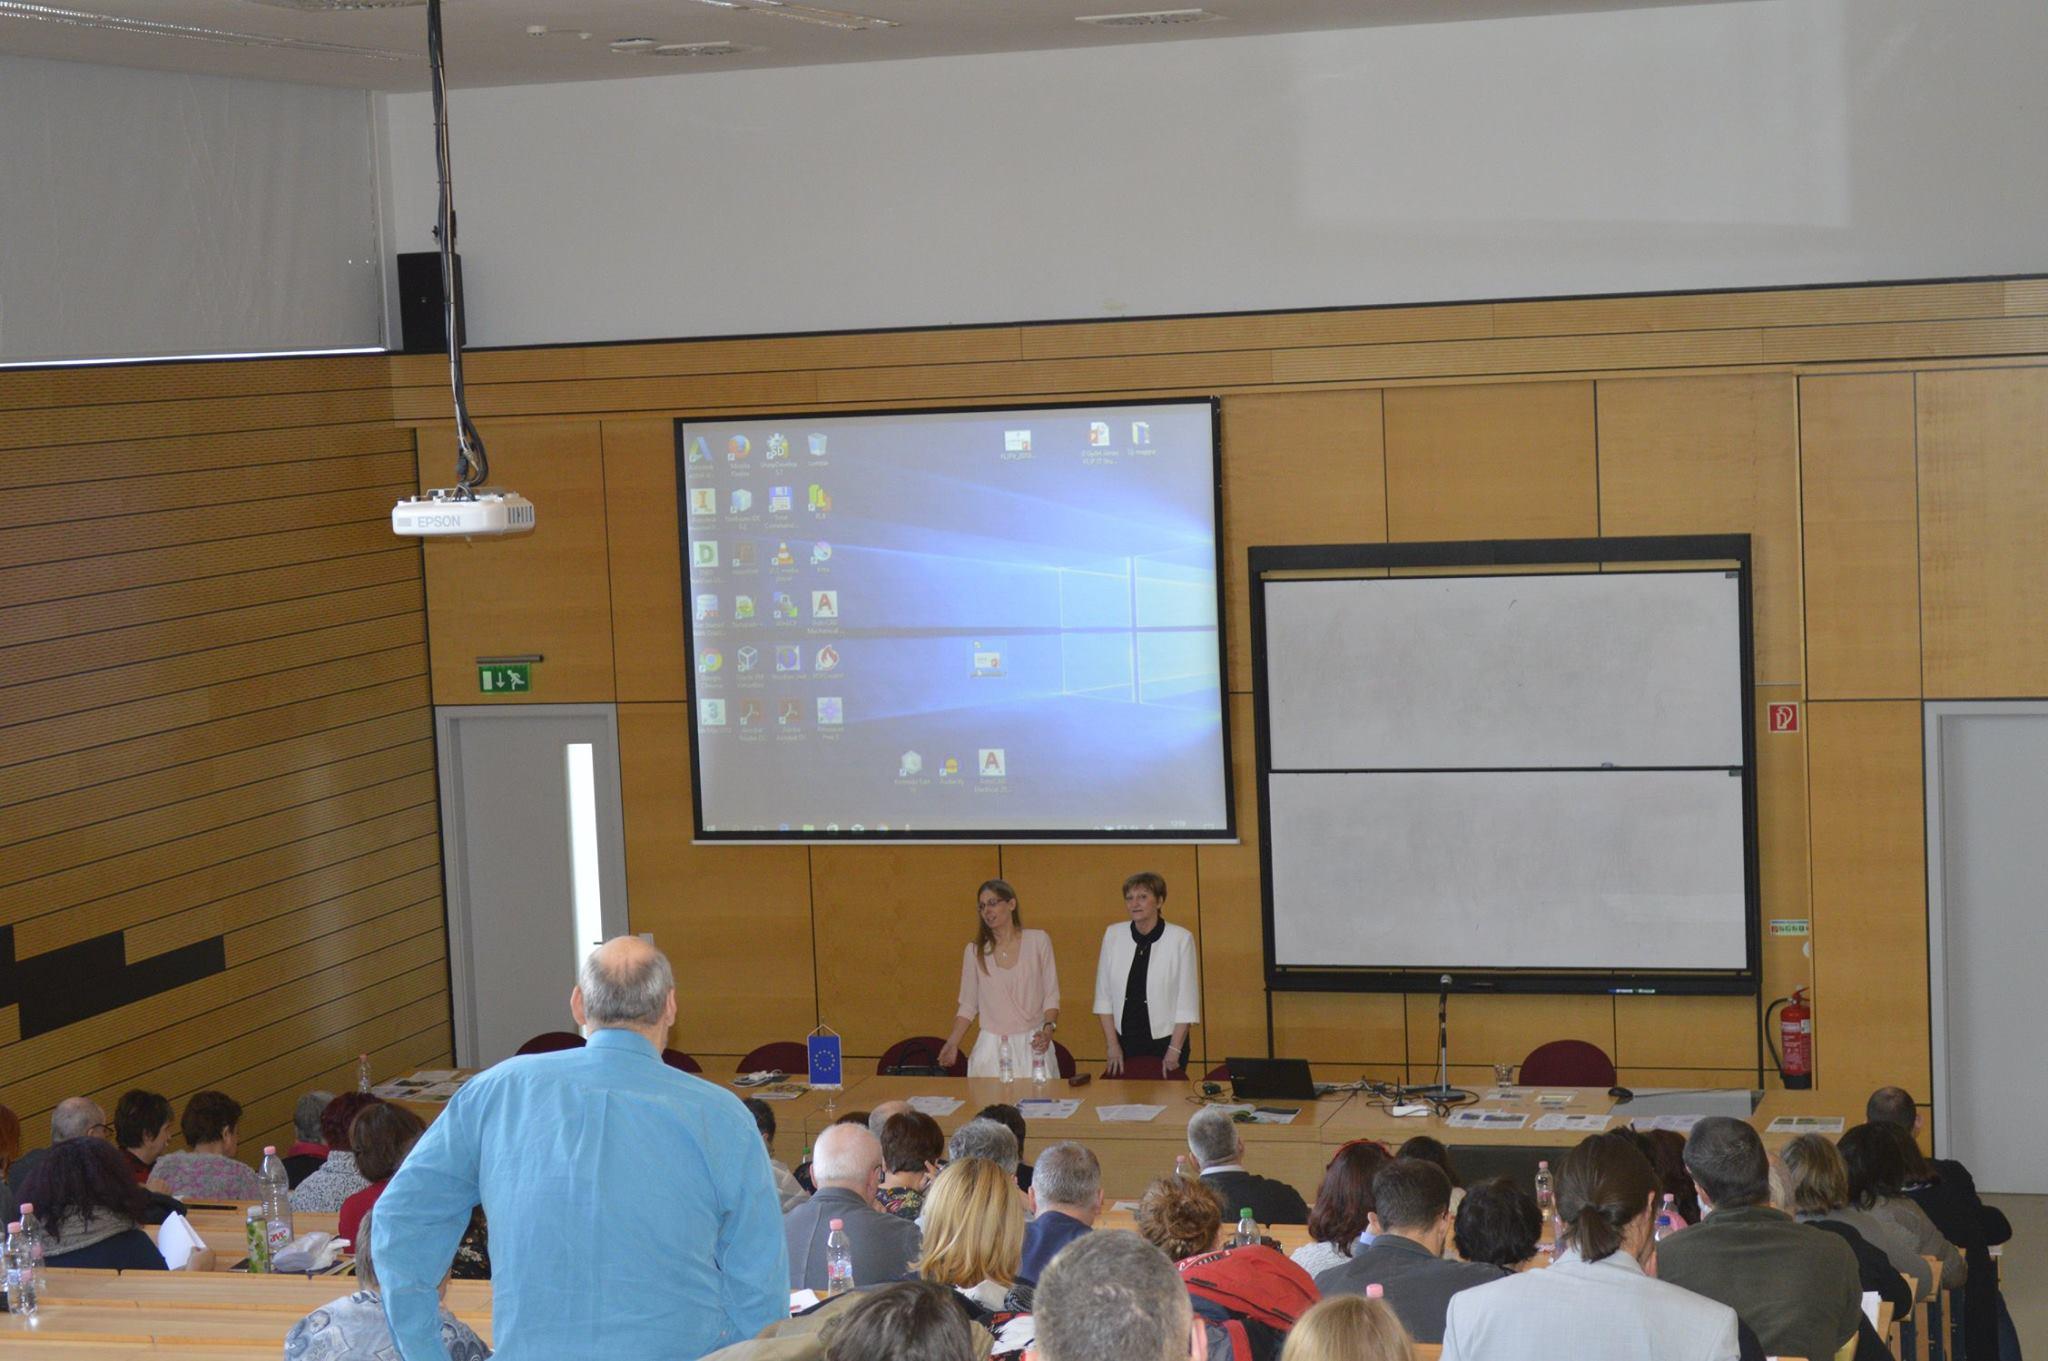 Megfordított tanítás - rendezvény Budapesten